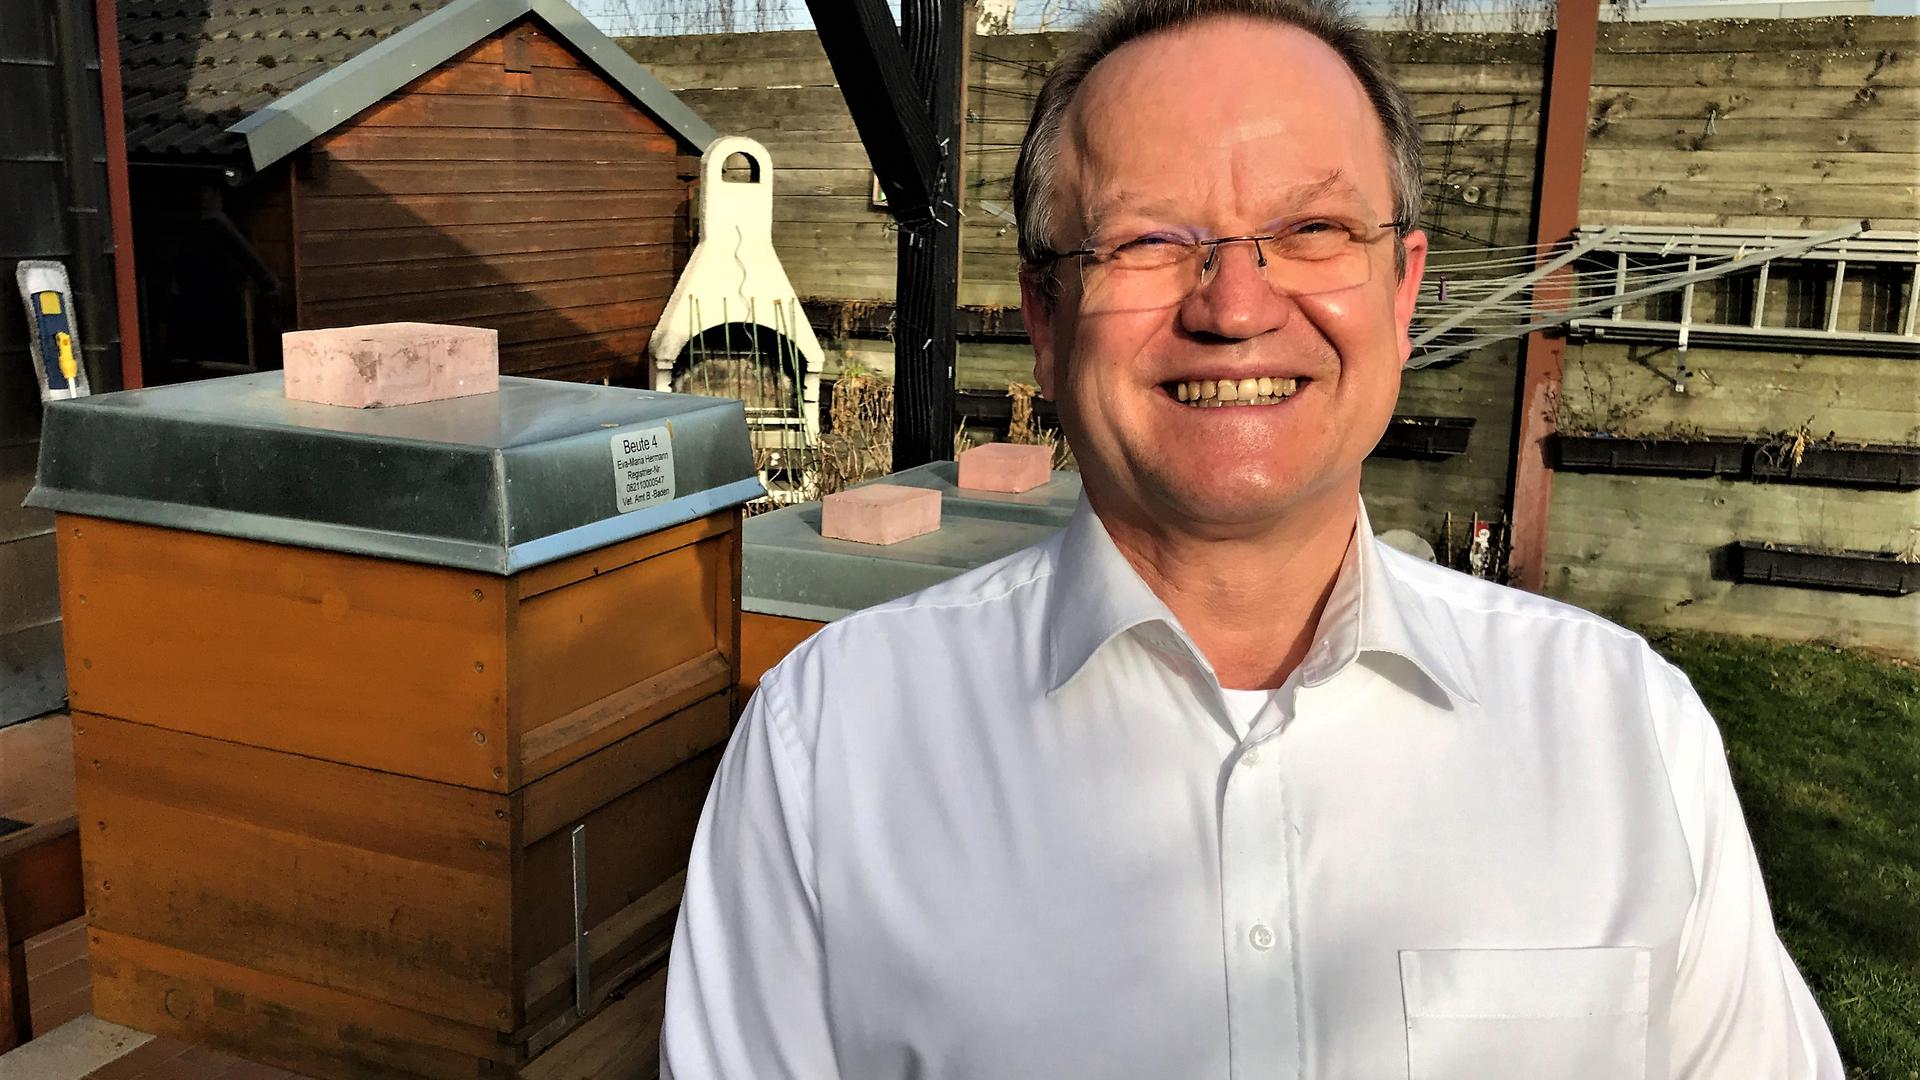 Der AfD-Landtagskandidat Kurt Hermann steht vor seinen Bienenstöcken im Garten seines Hauses in Baden-Baden-Sandweier.